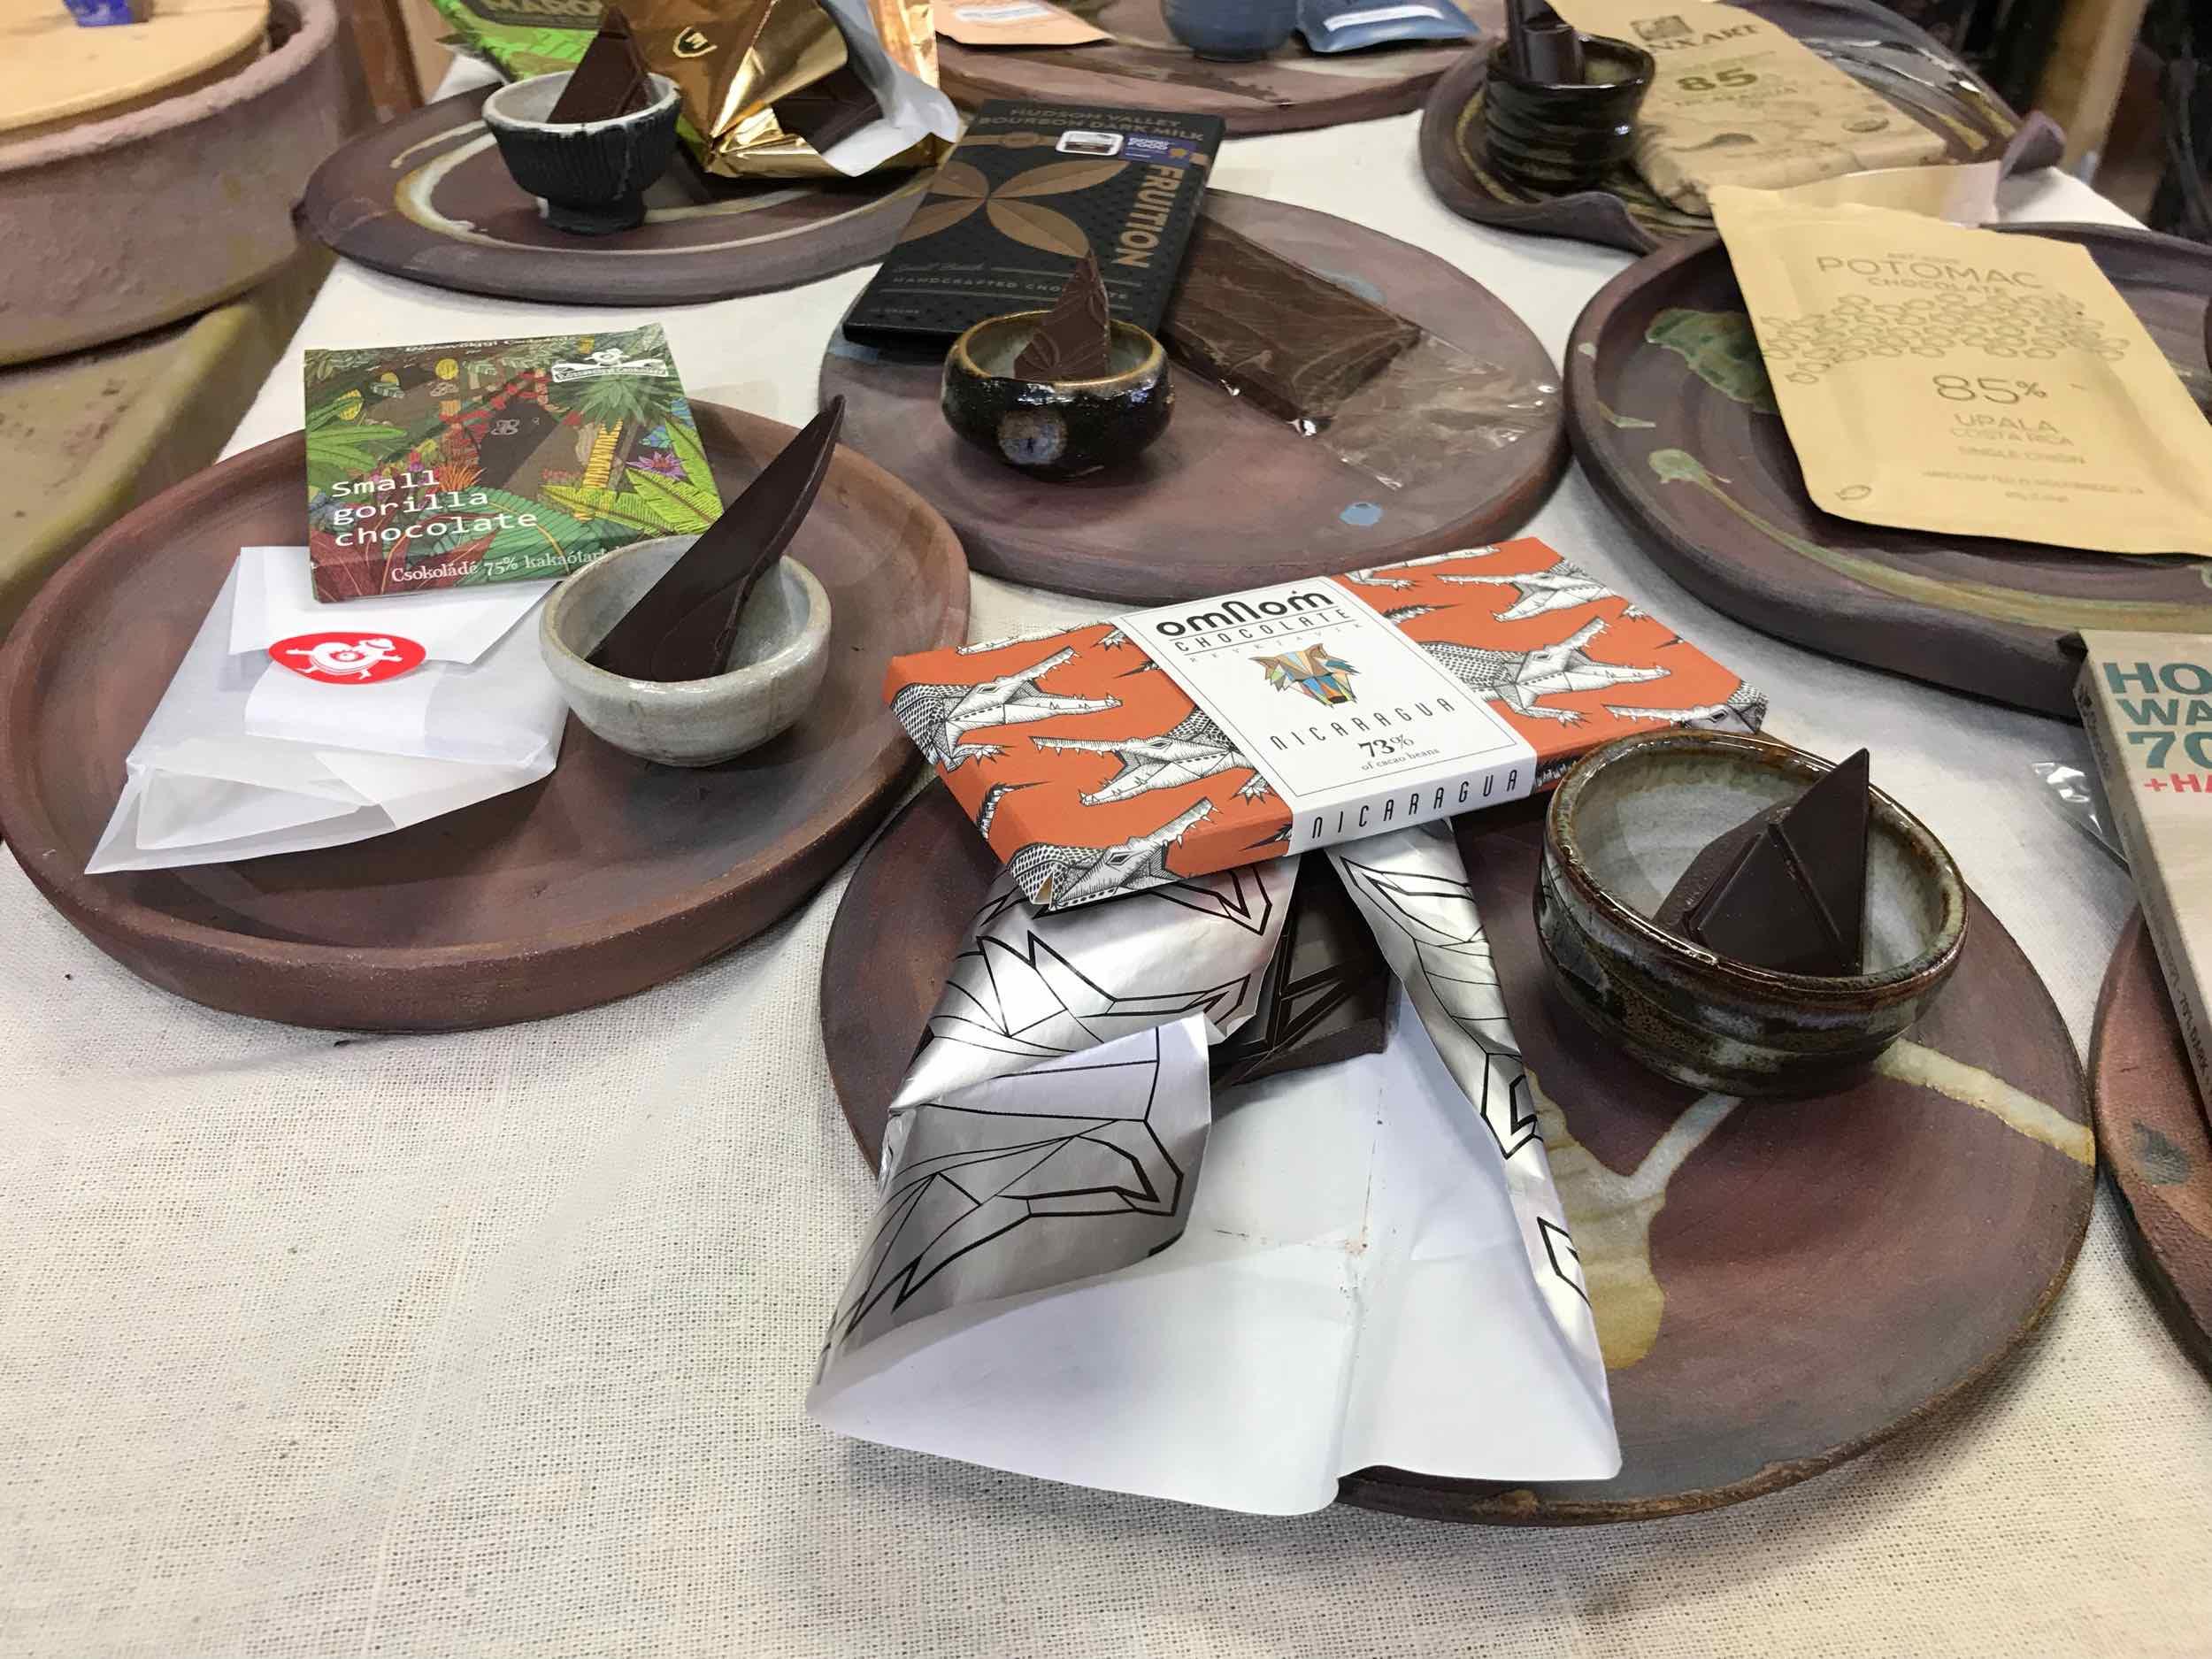 Free chocolate sampling at Yahara Chocolate